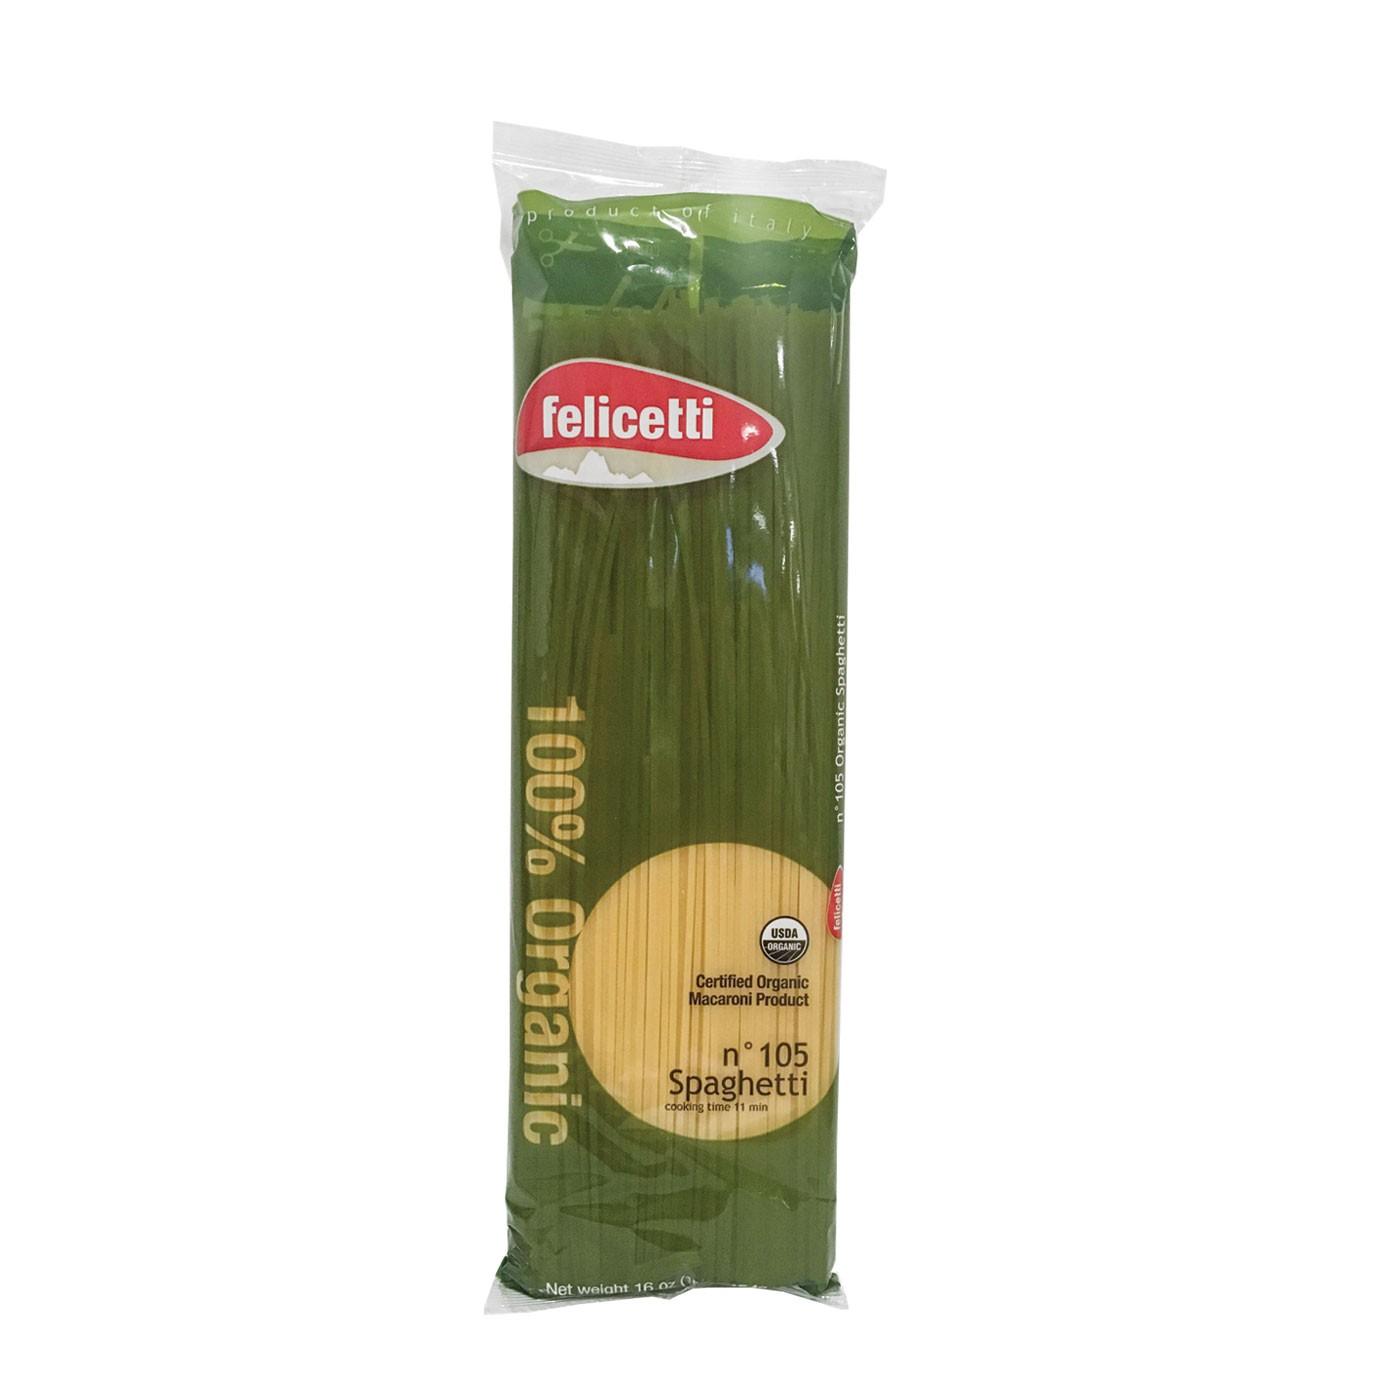 Spaghettini Organic 16 oz